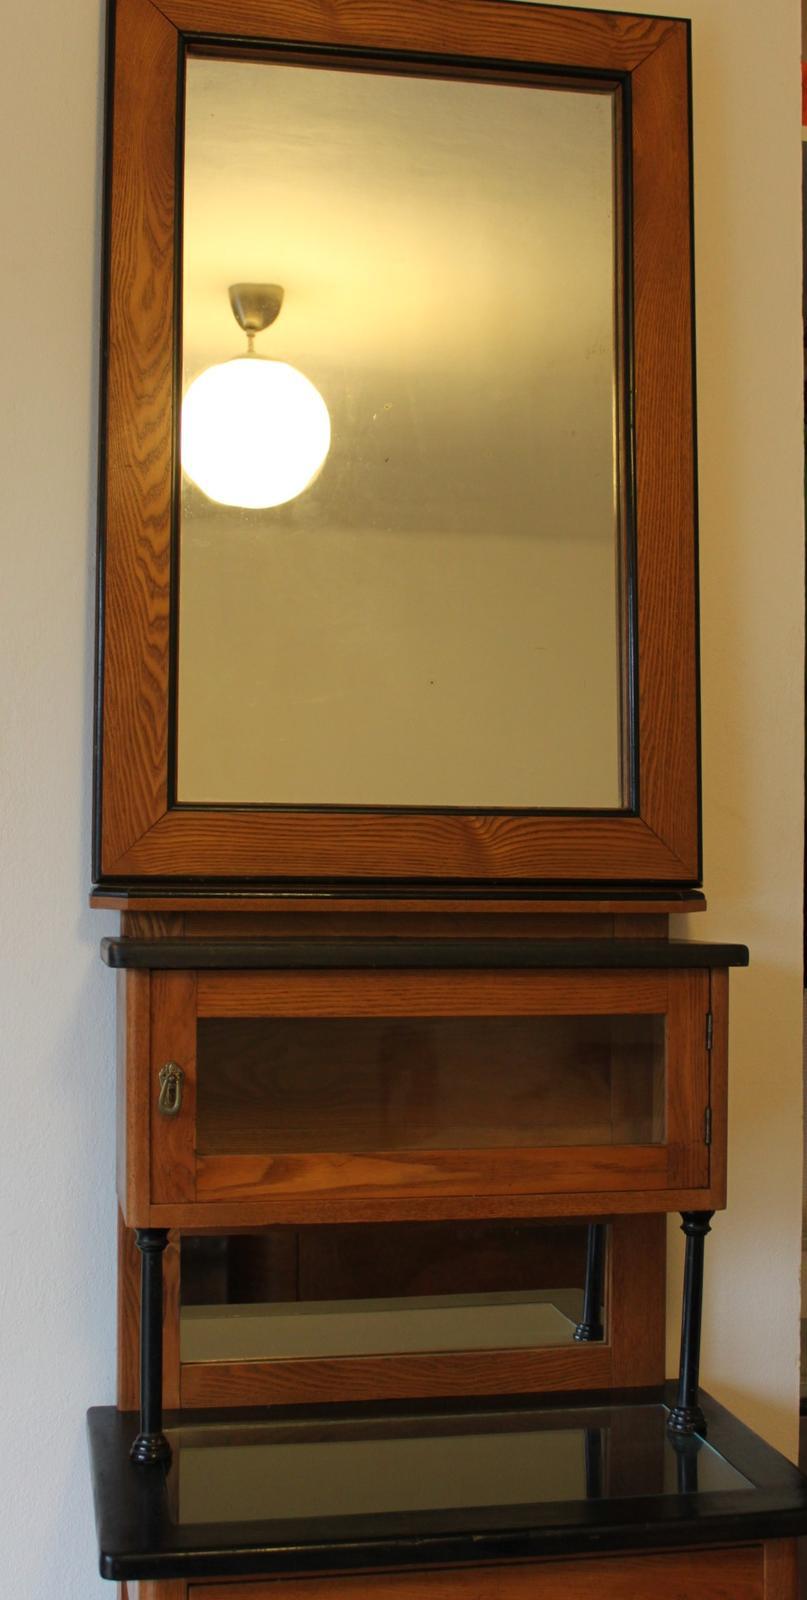 Skrinka s rámom na zrkadlo - Obrázok č. 1